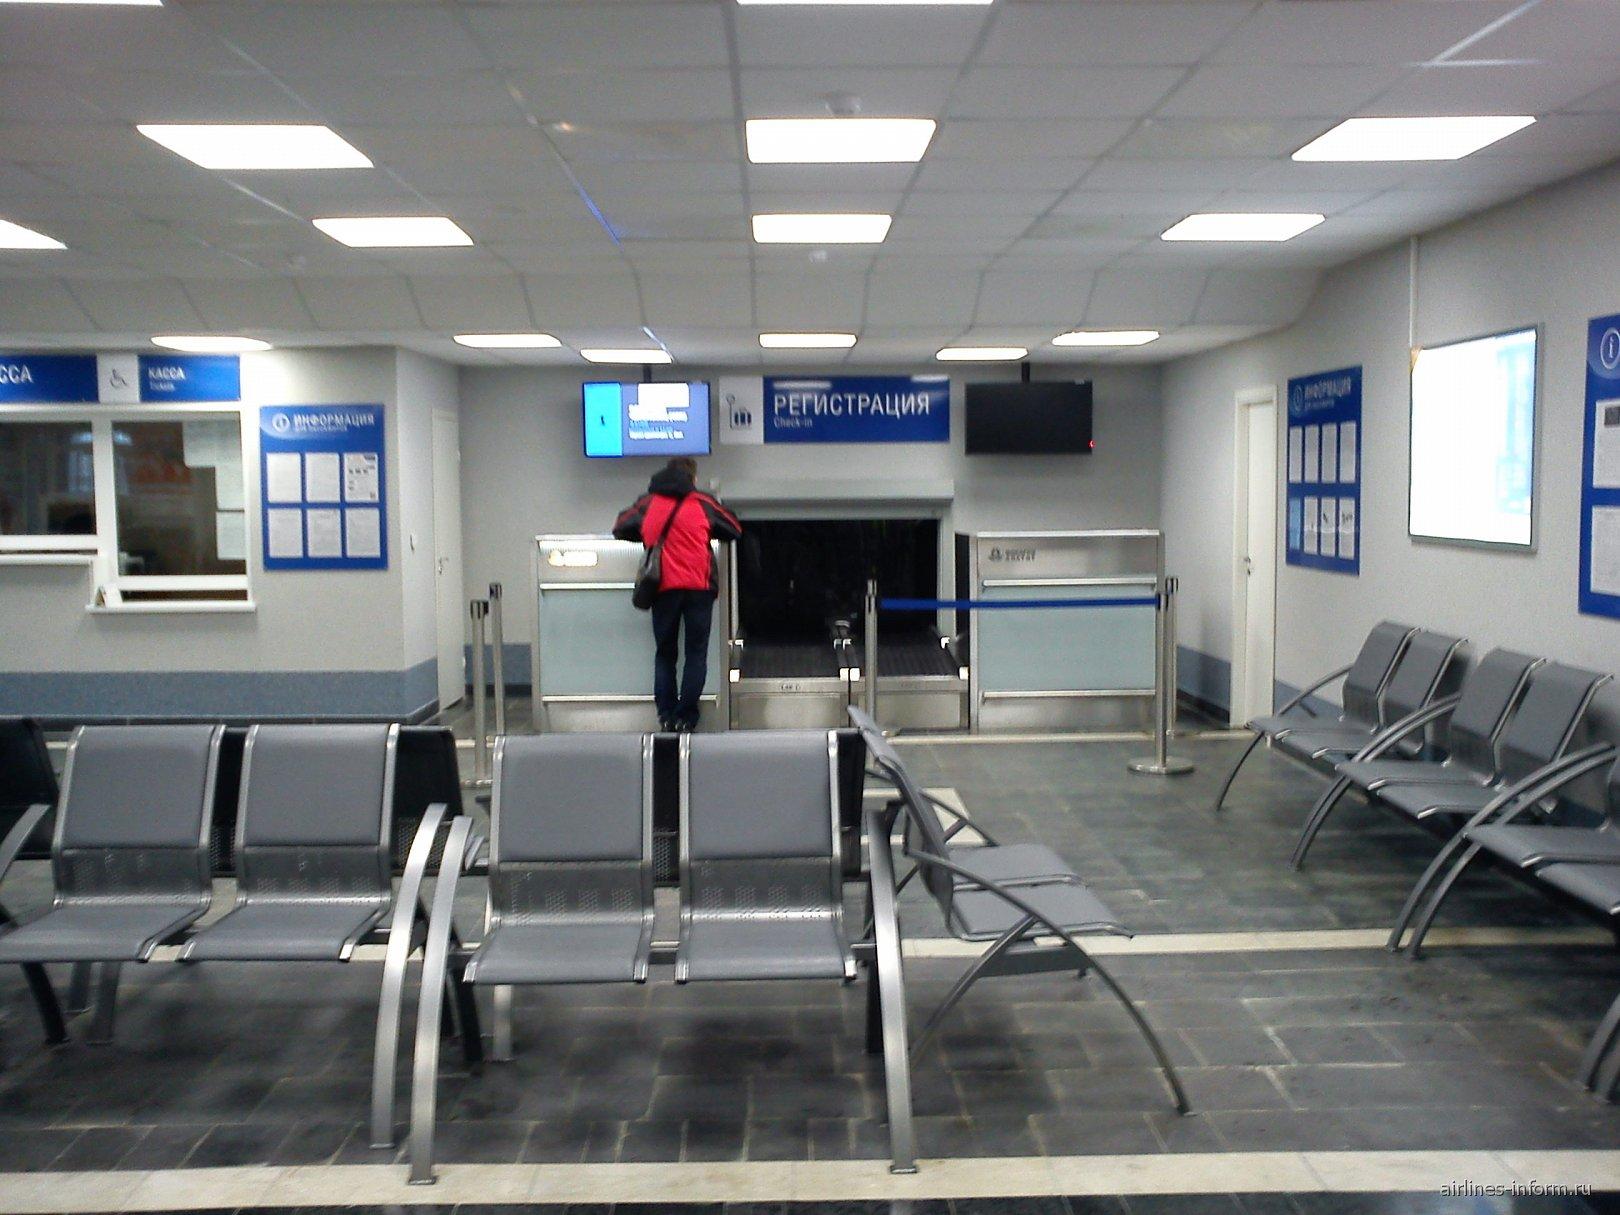 Единственная стойка регистрации в аэропорту Апатиты Хибины